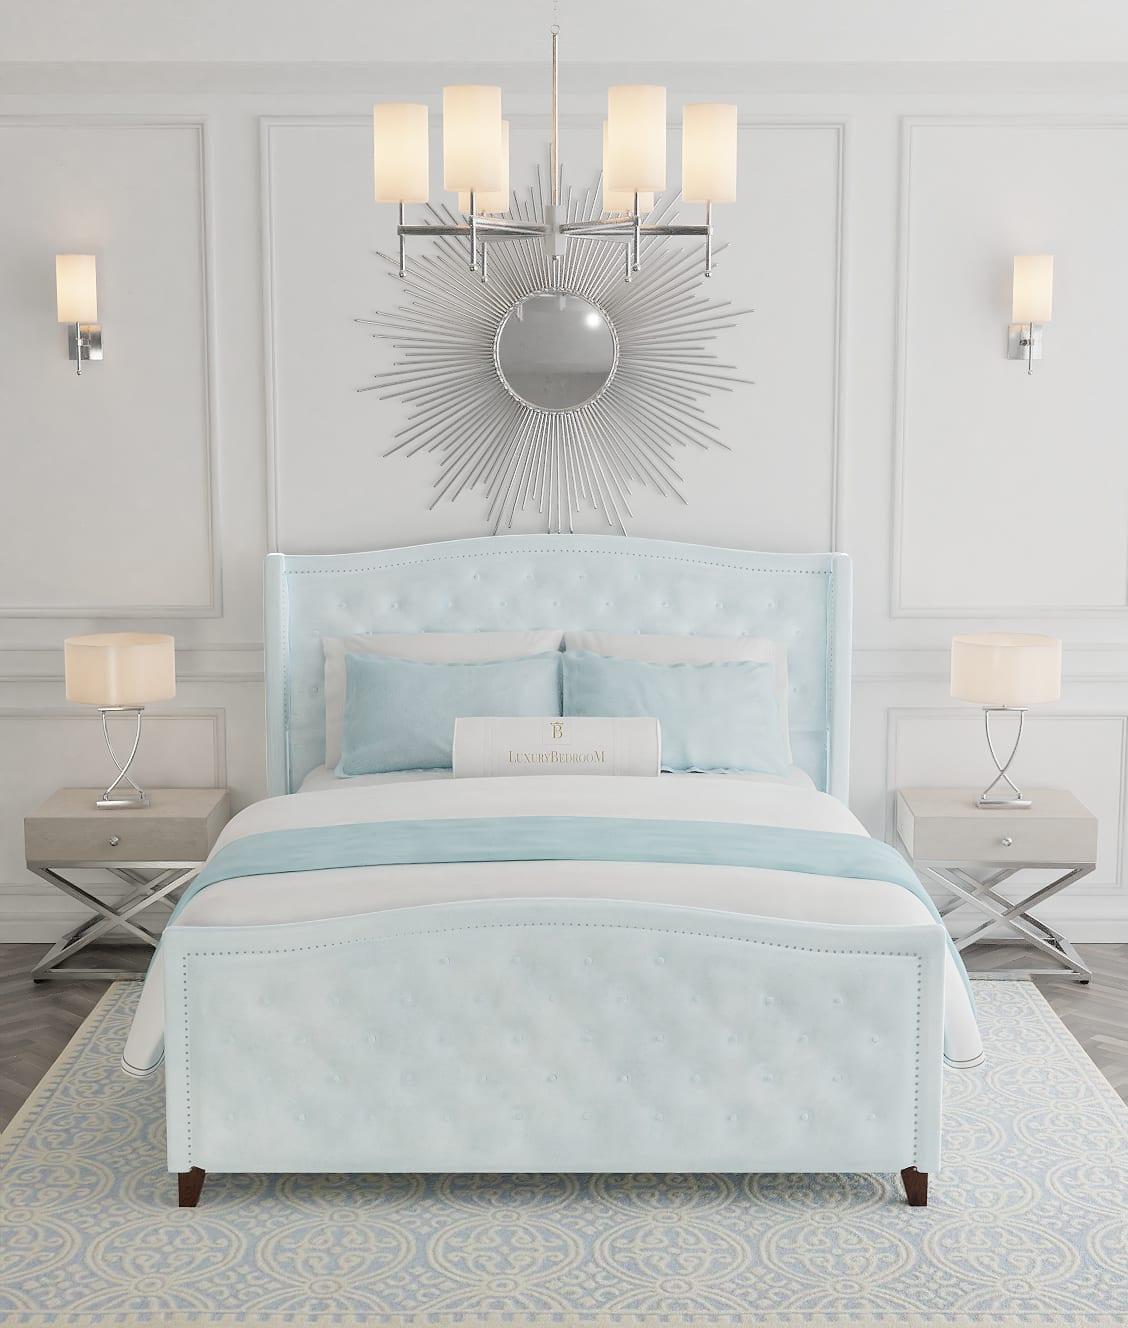 łóżko tapicerowane z wezgłowiem w stylu hollywood glamour